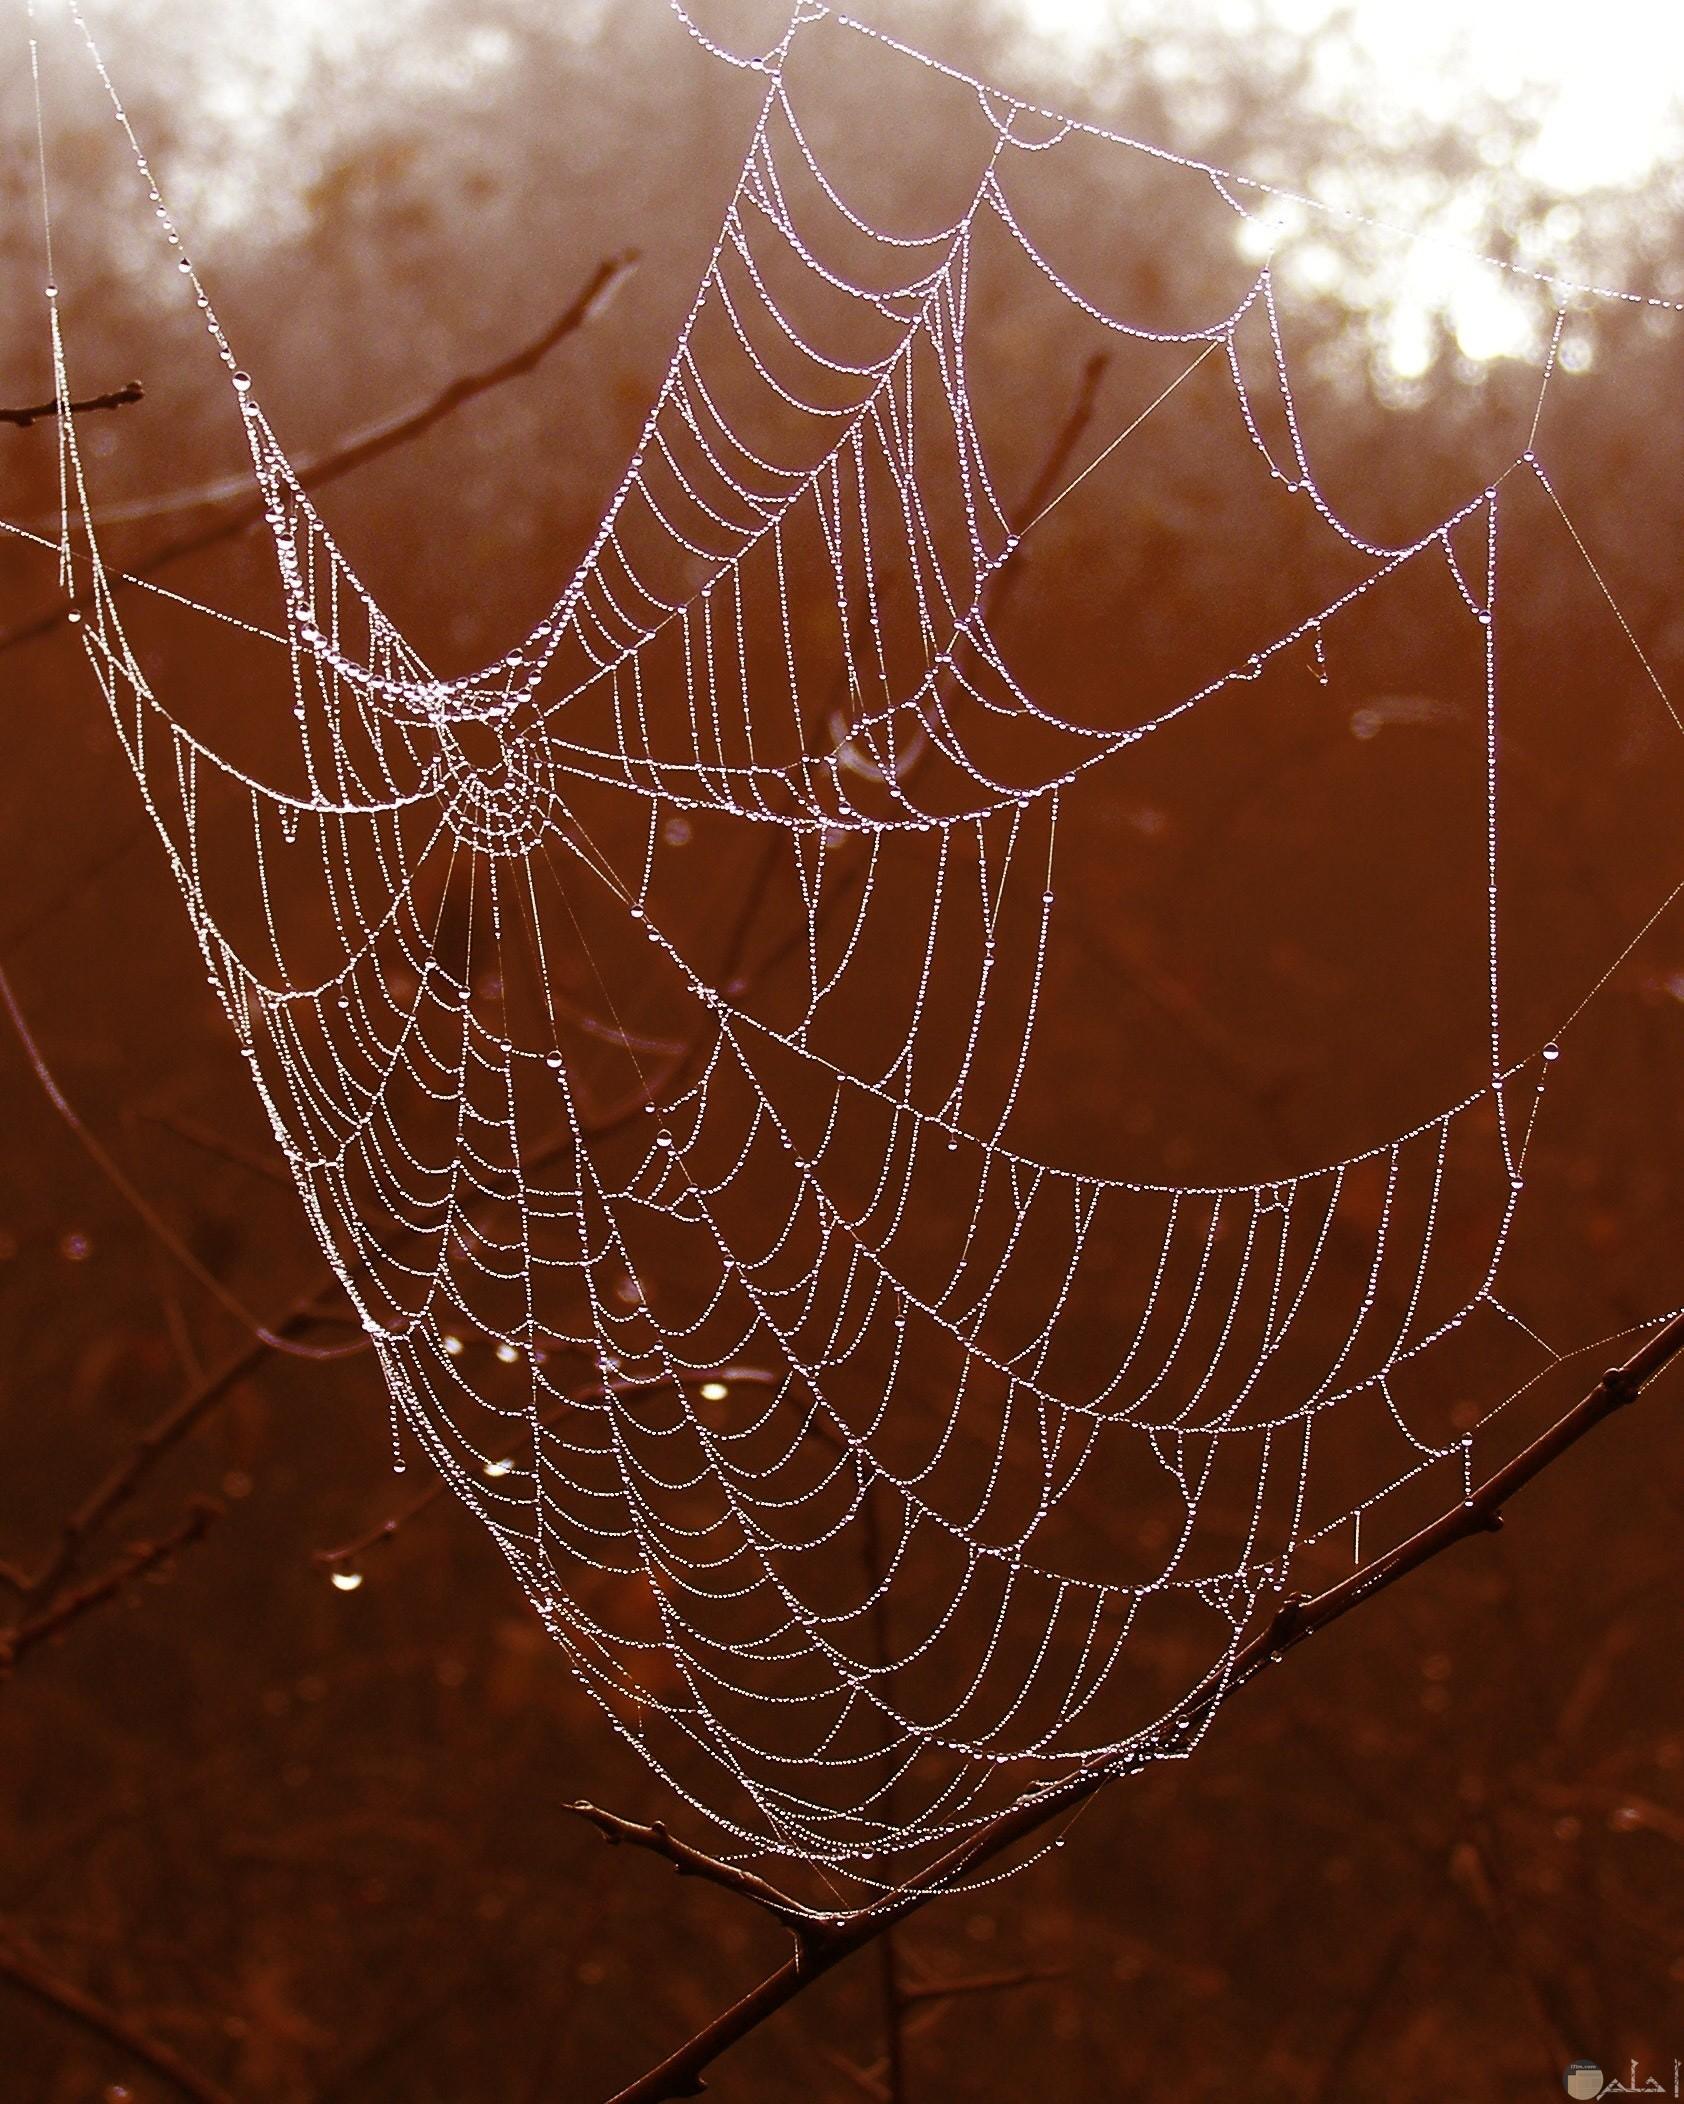 صورة مرعبة مميزة لشبكة عنكبوت مخيفة في الغابة